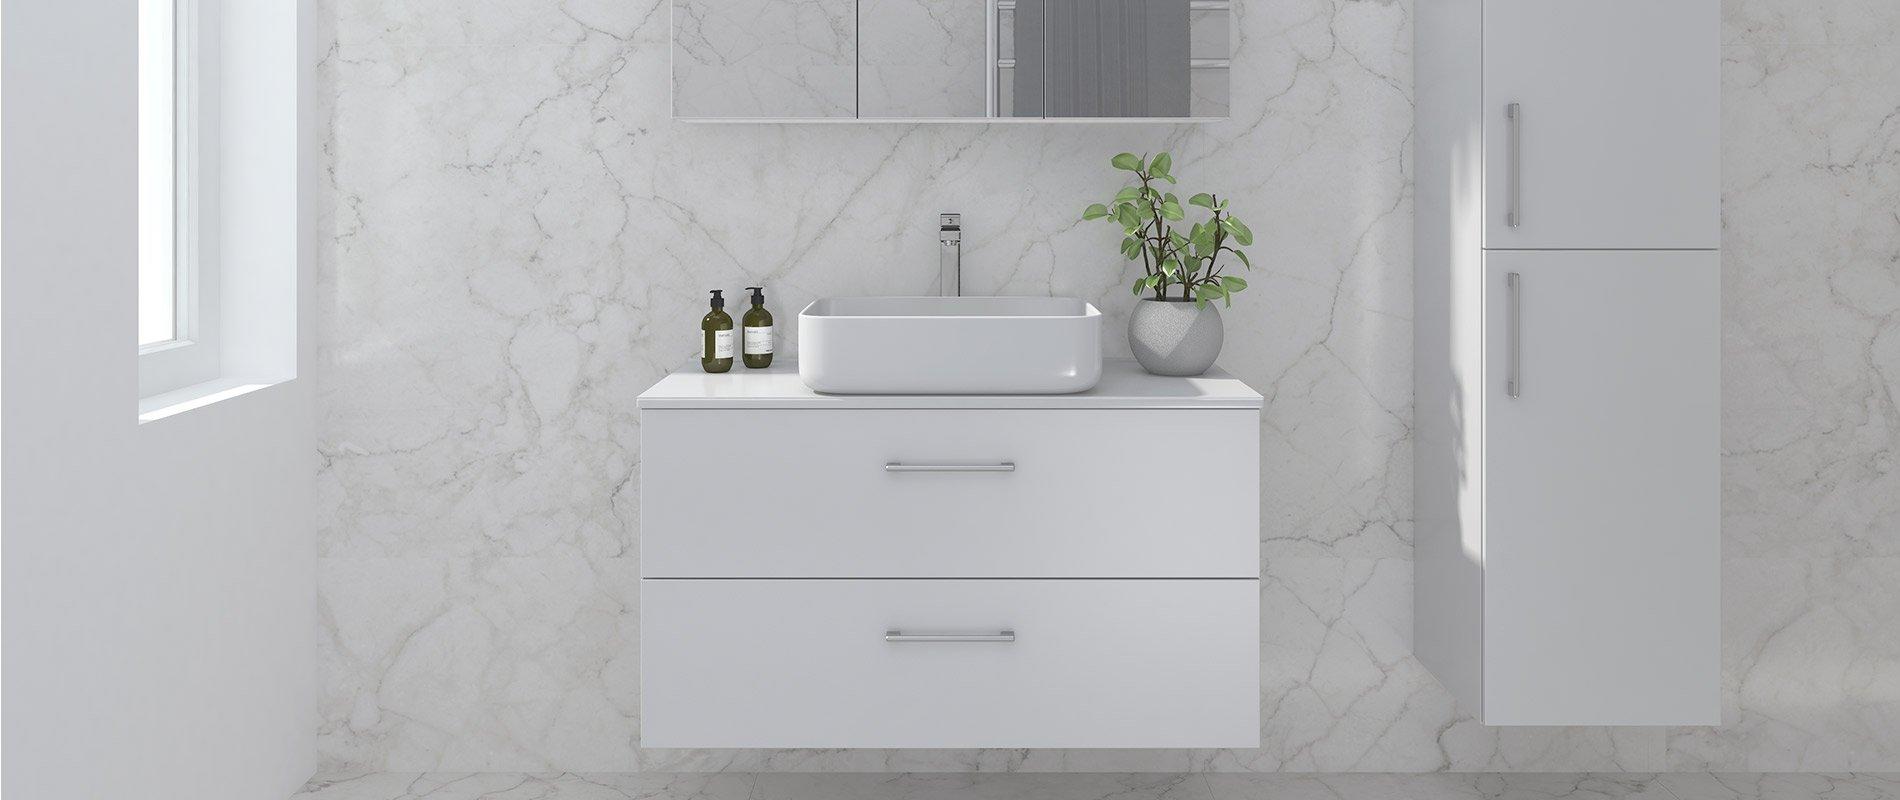 Duxa Anna baderomsmøbel i hvit utseende med forkrommet håndtak og kran